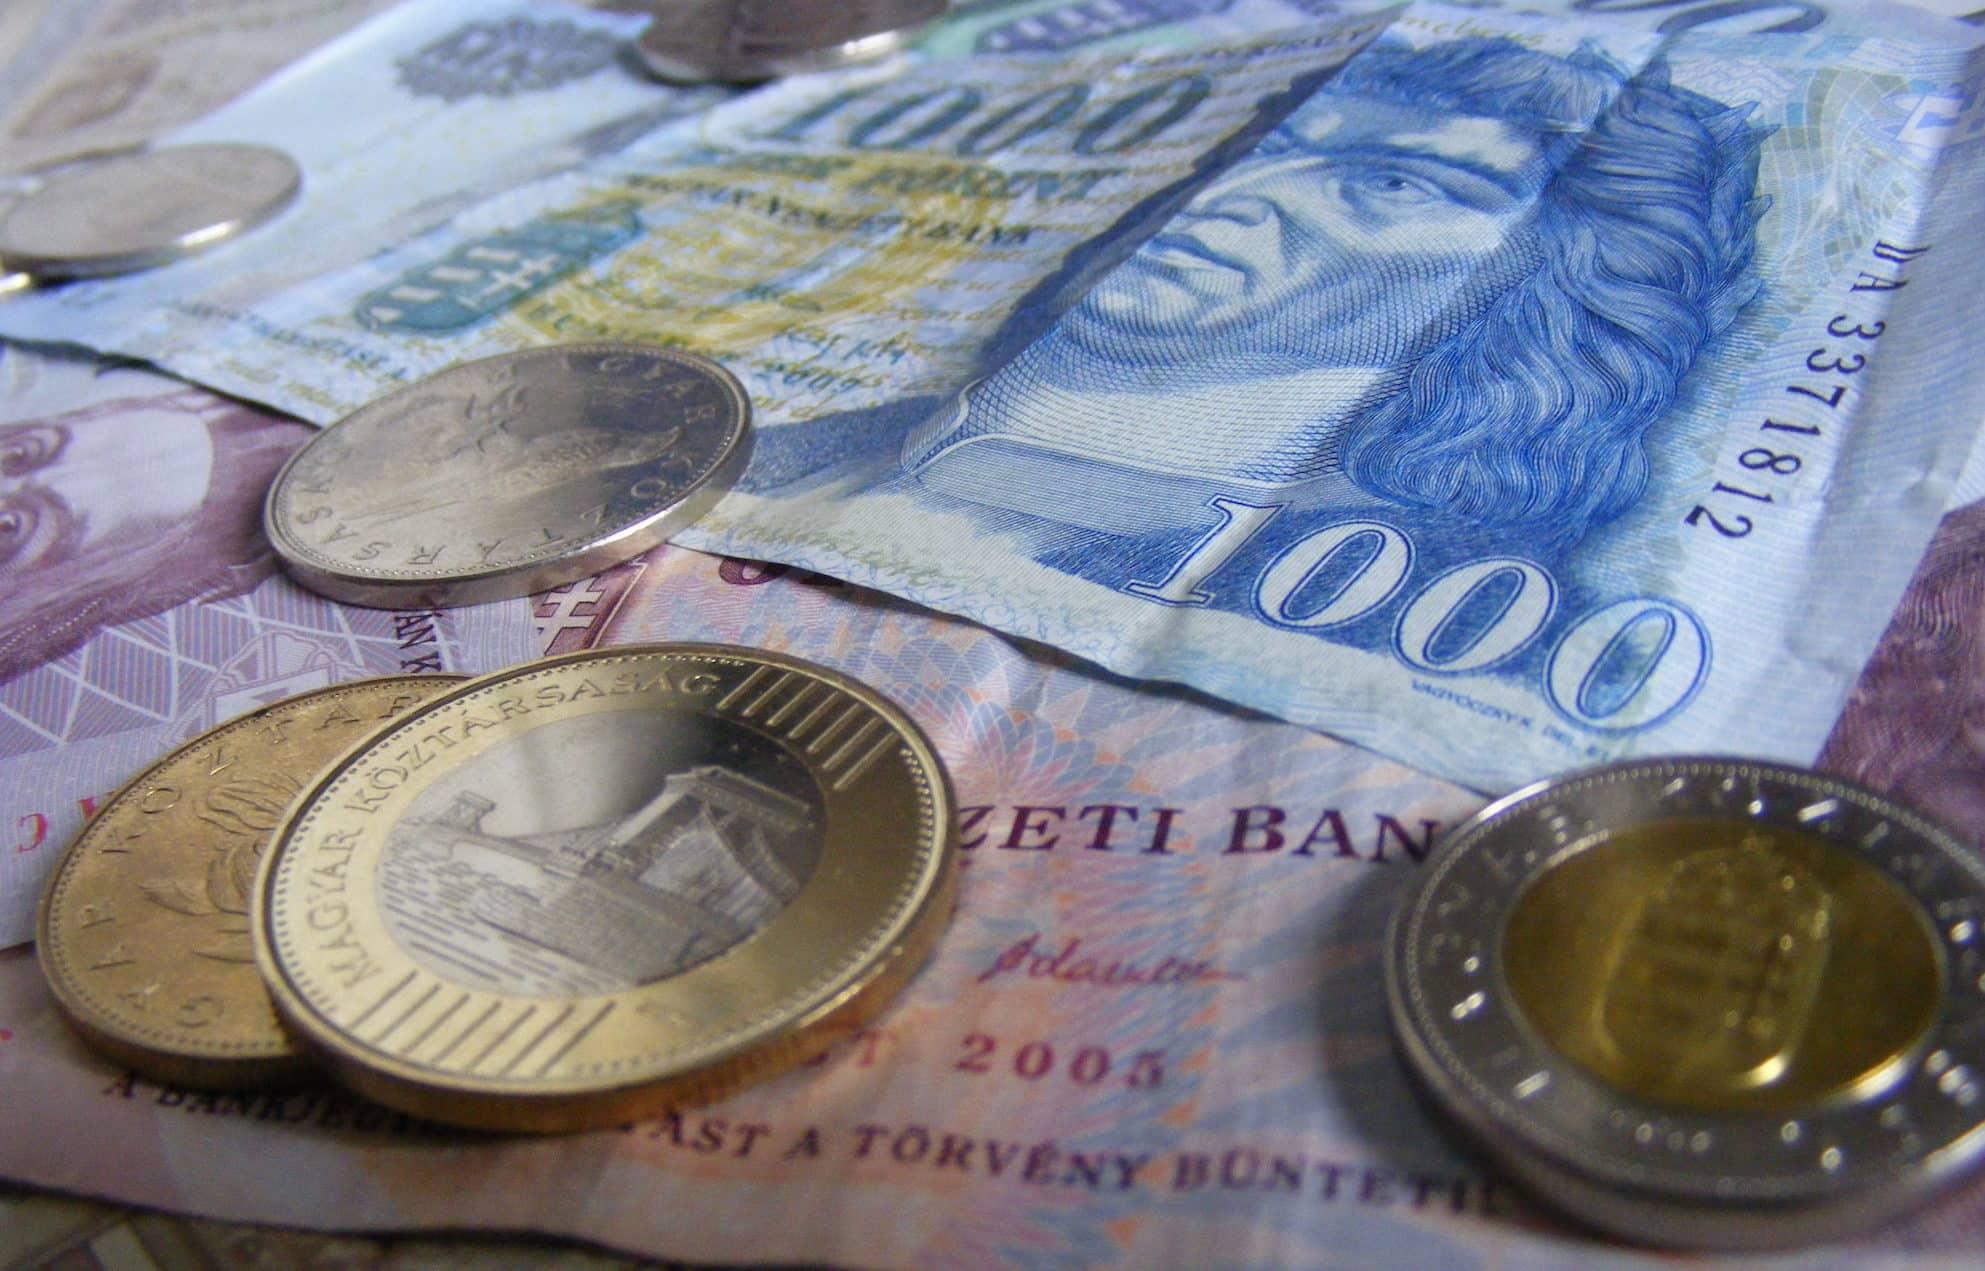 Monnaie hongroise changer votre argent